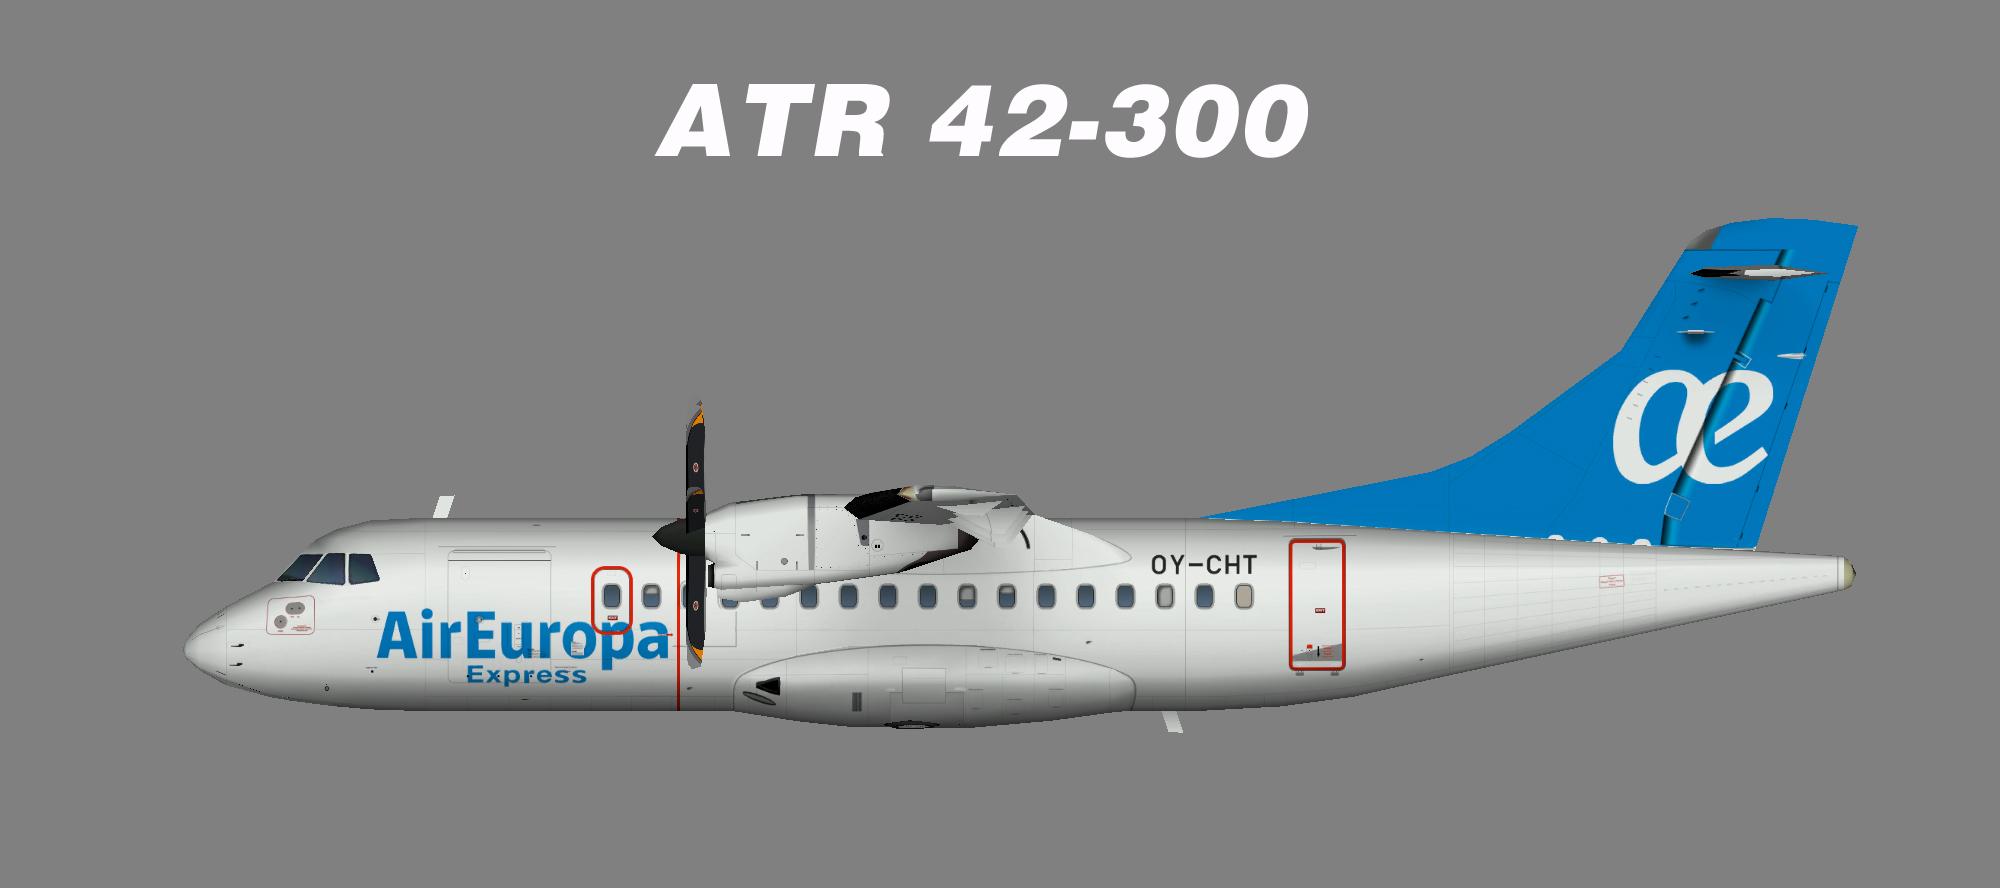 Air Europa Express Atr42 300 Juergen S Paint Hangar